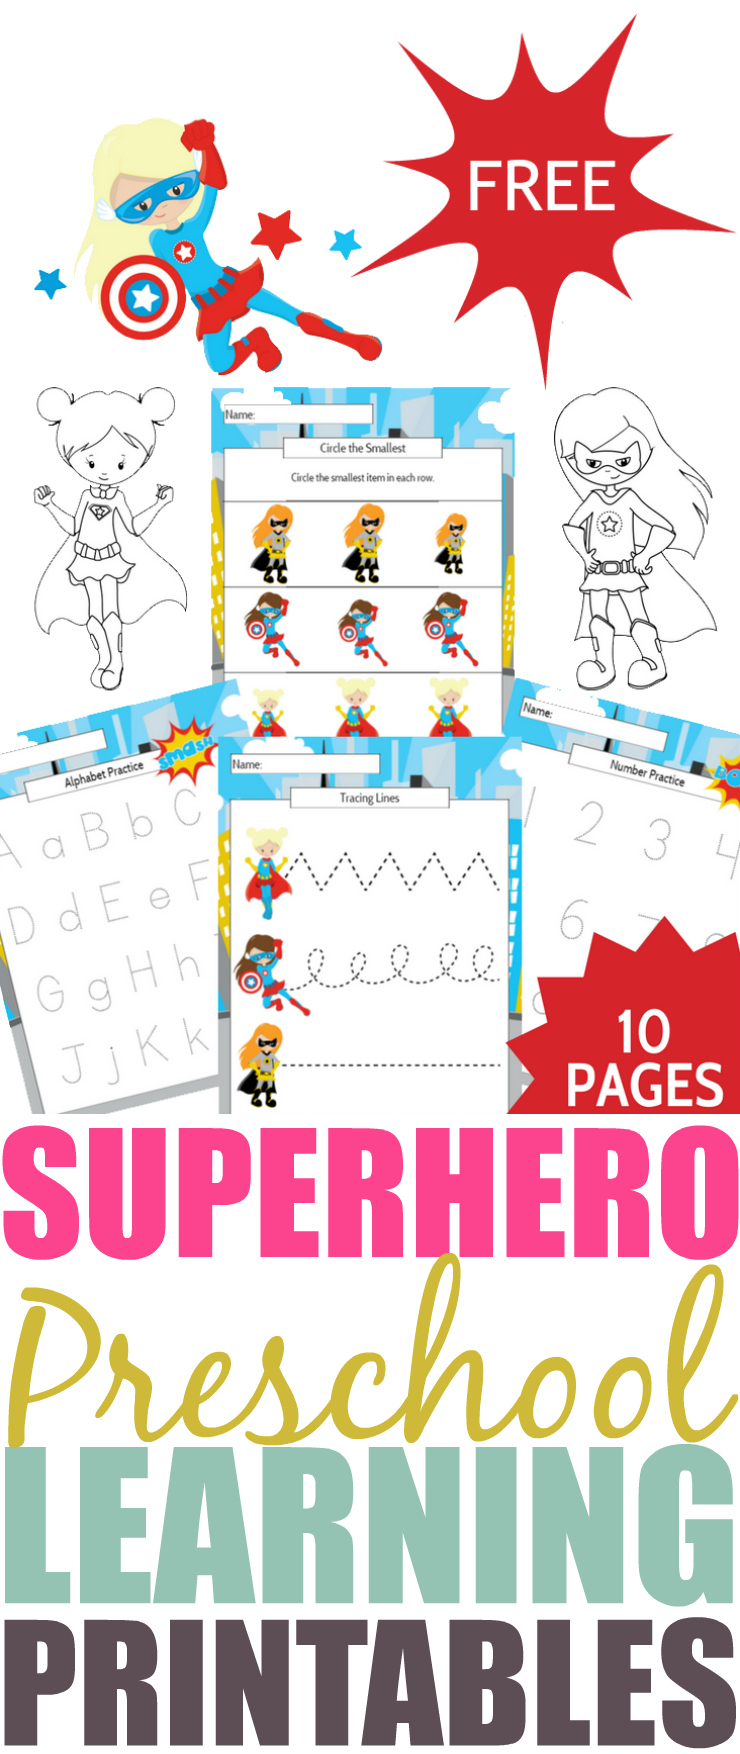 Girl Superhero Preschool Learning Printable Package PIN